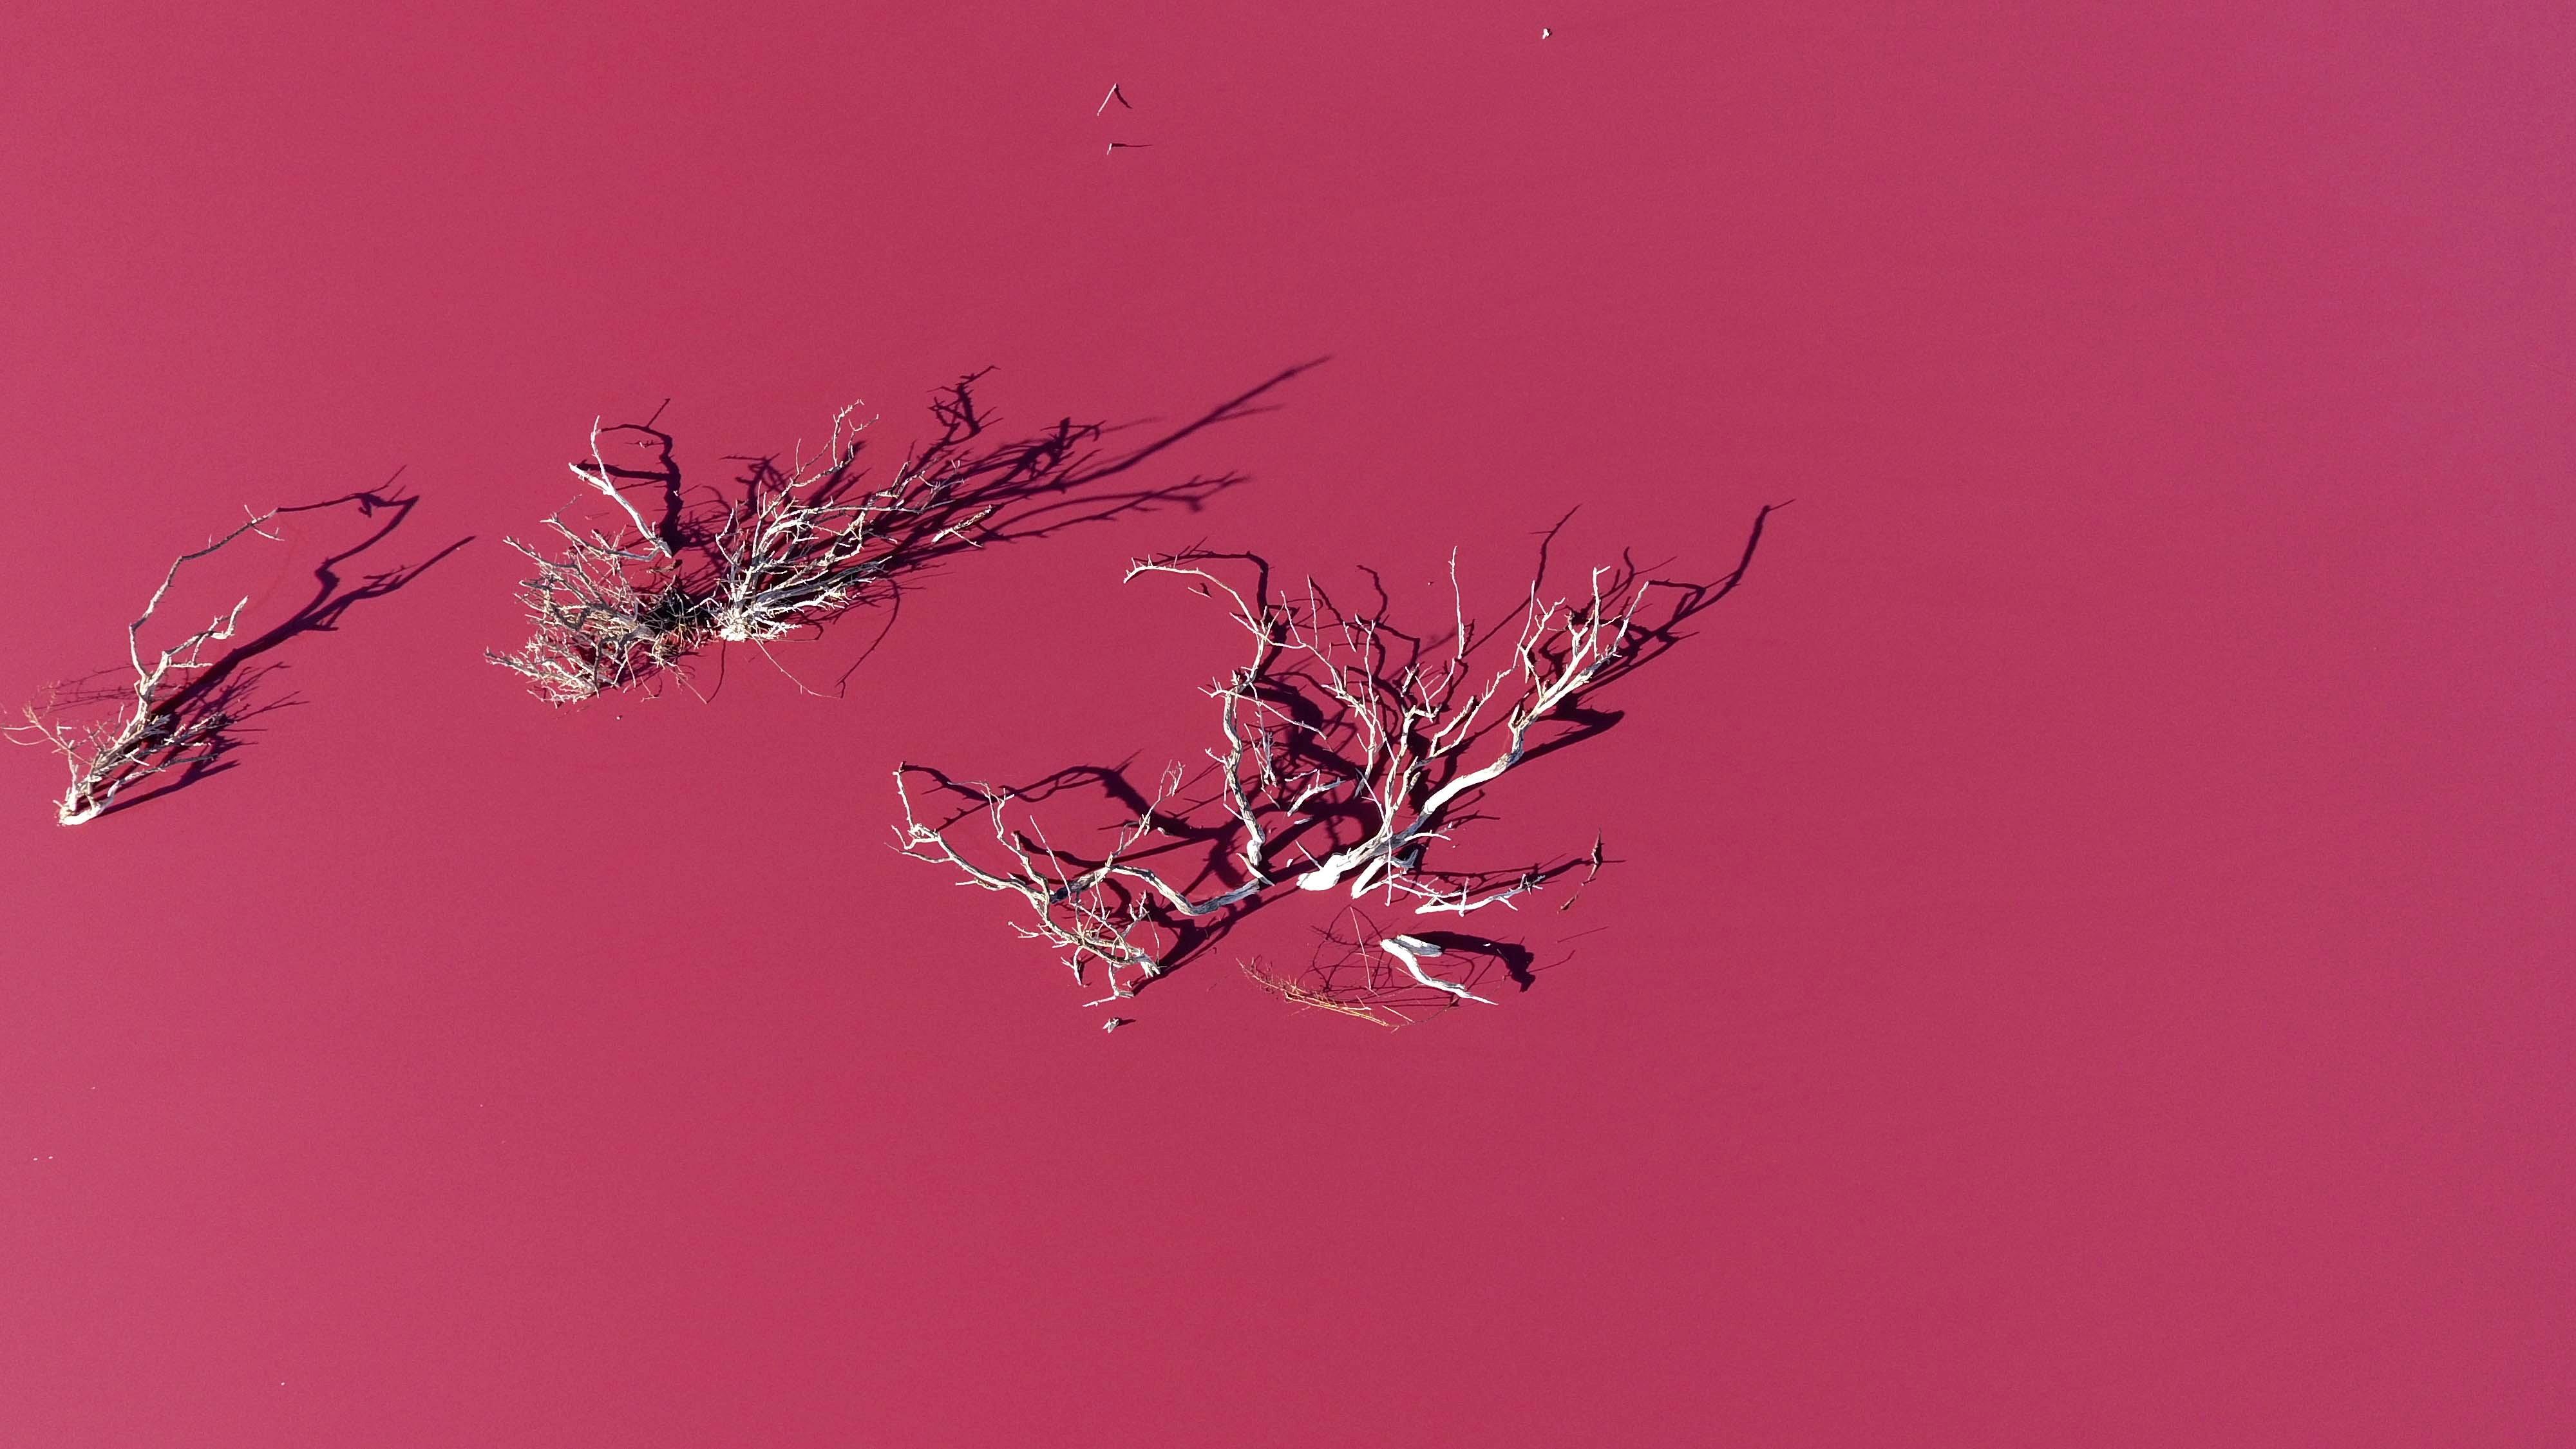 Вид своздуха налагуну Корфо, которая порозовела из-за химических отходов, вТрелью, Чубут, Аргентина, 29 июля 2021 года.